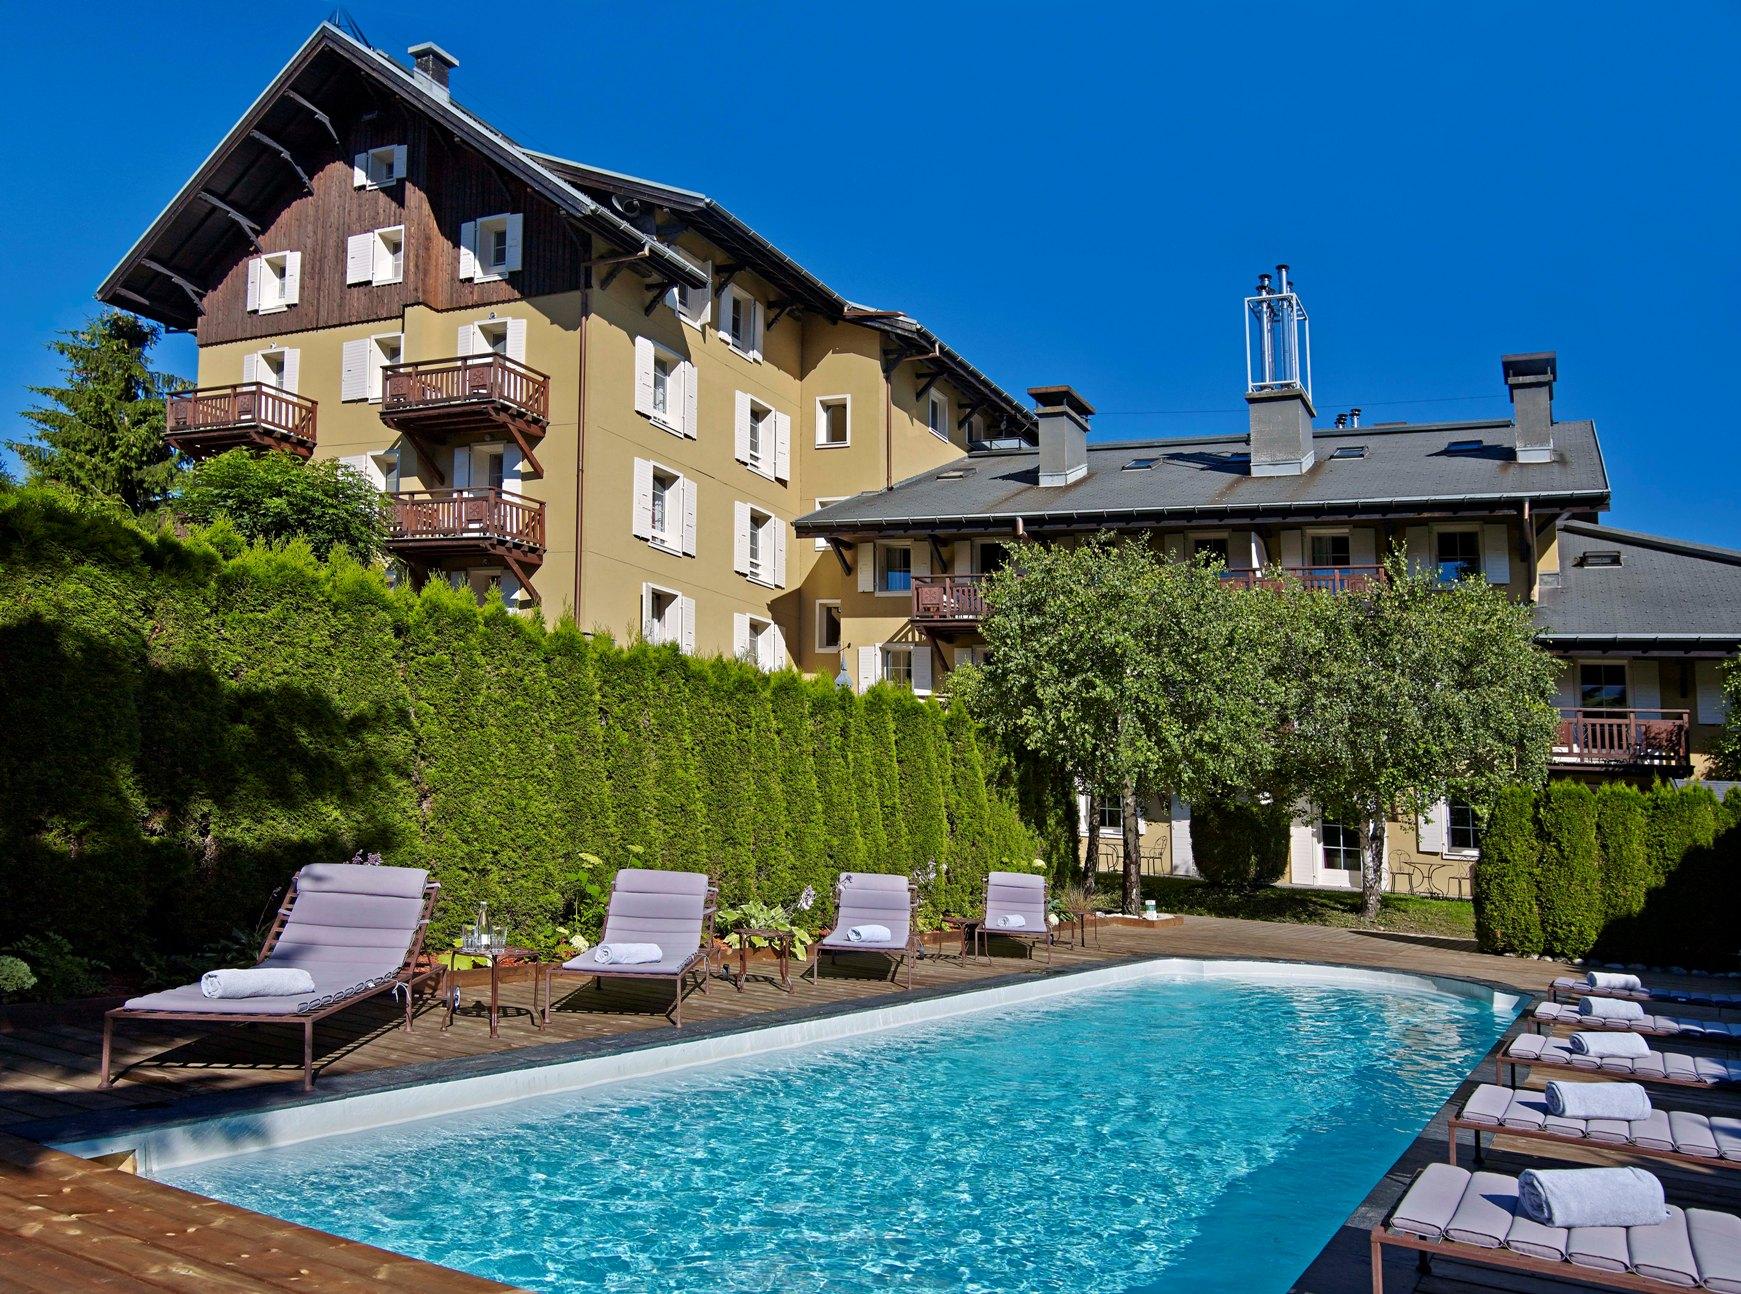 Alps meg ve france lodges park spa for Lodges in france